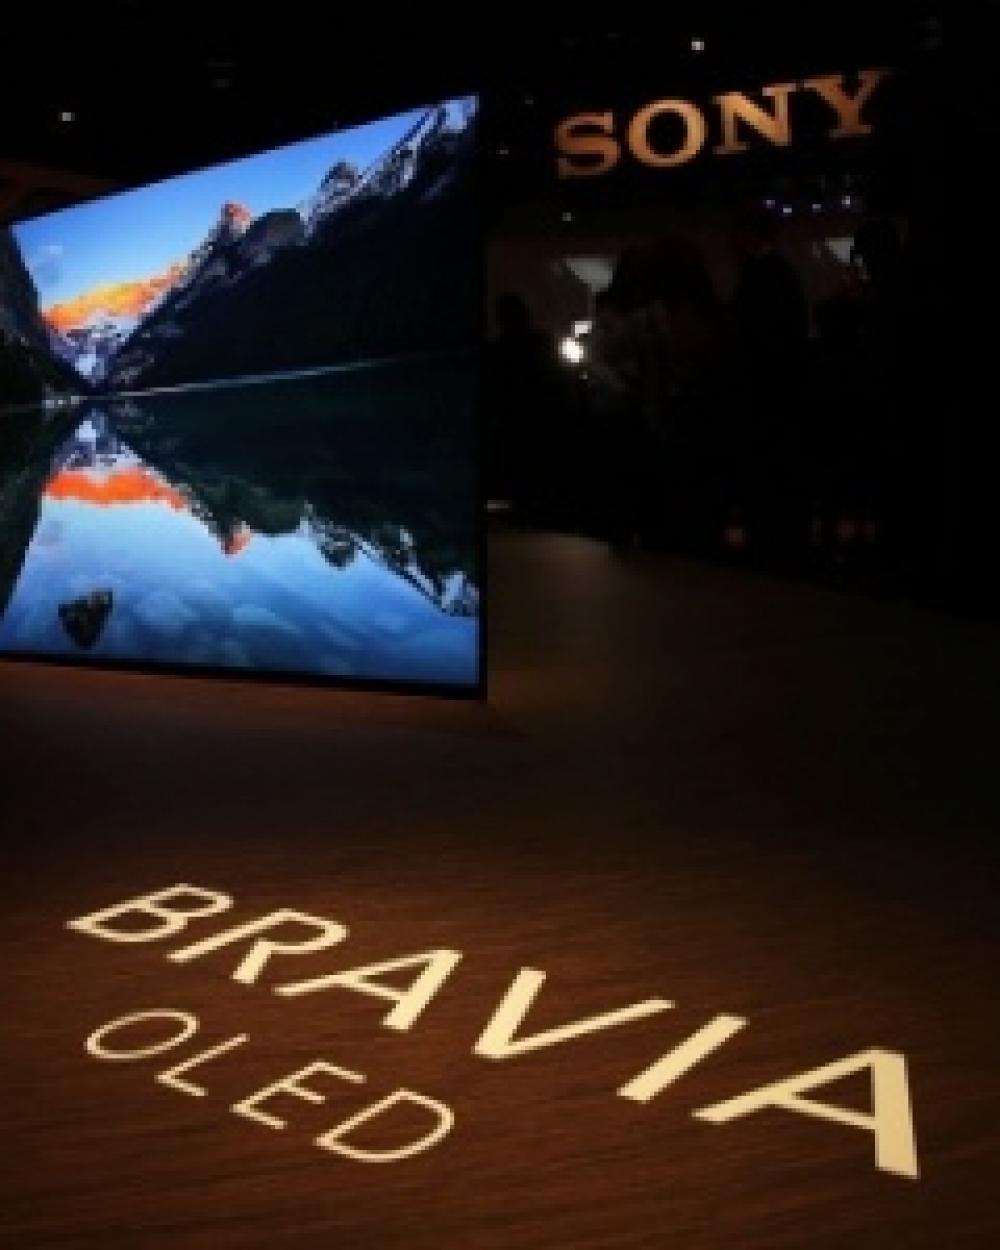 Sony encerra venda de TVs e outros produtos no Brasil; Saiba como fica o consumidor